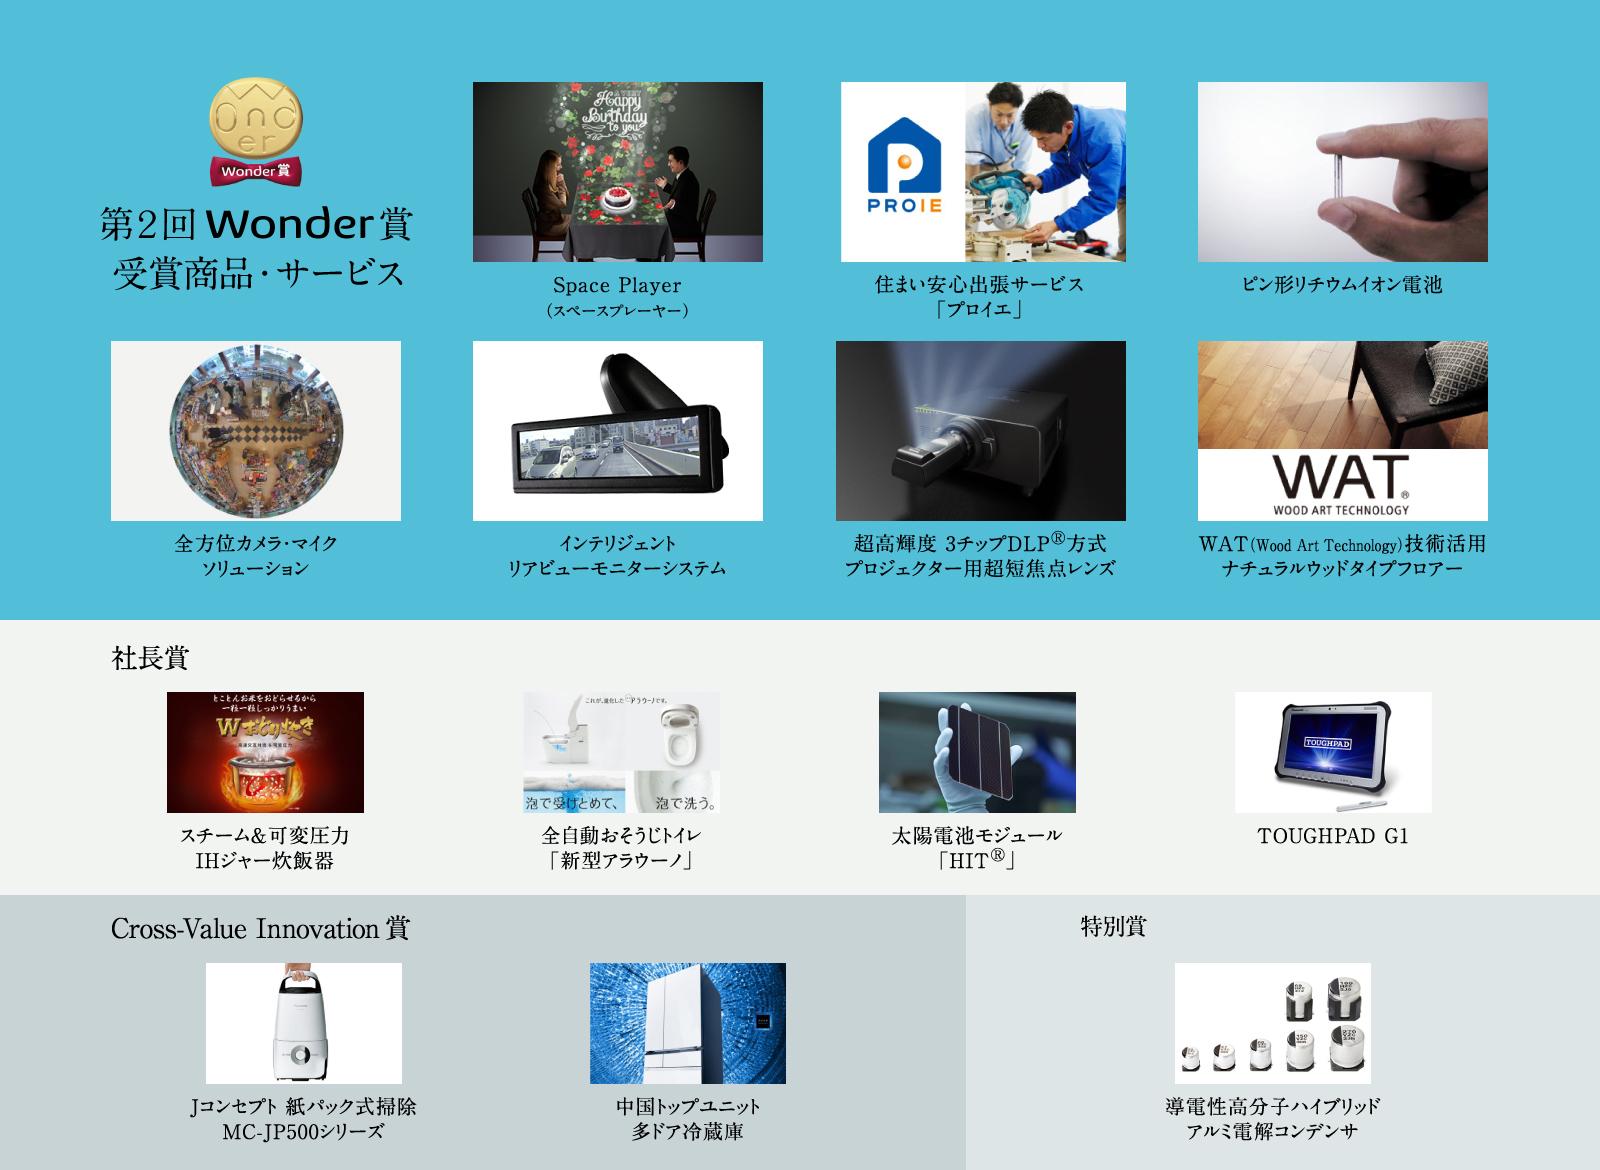 第2回パナソニック「Wonder賞」決定!